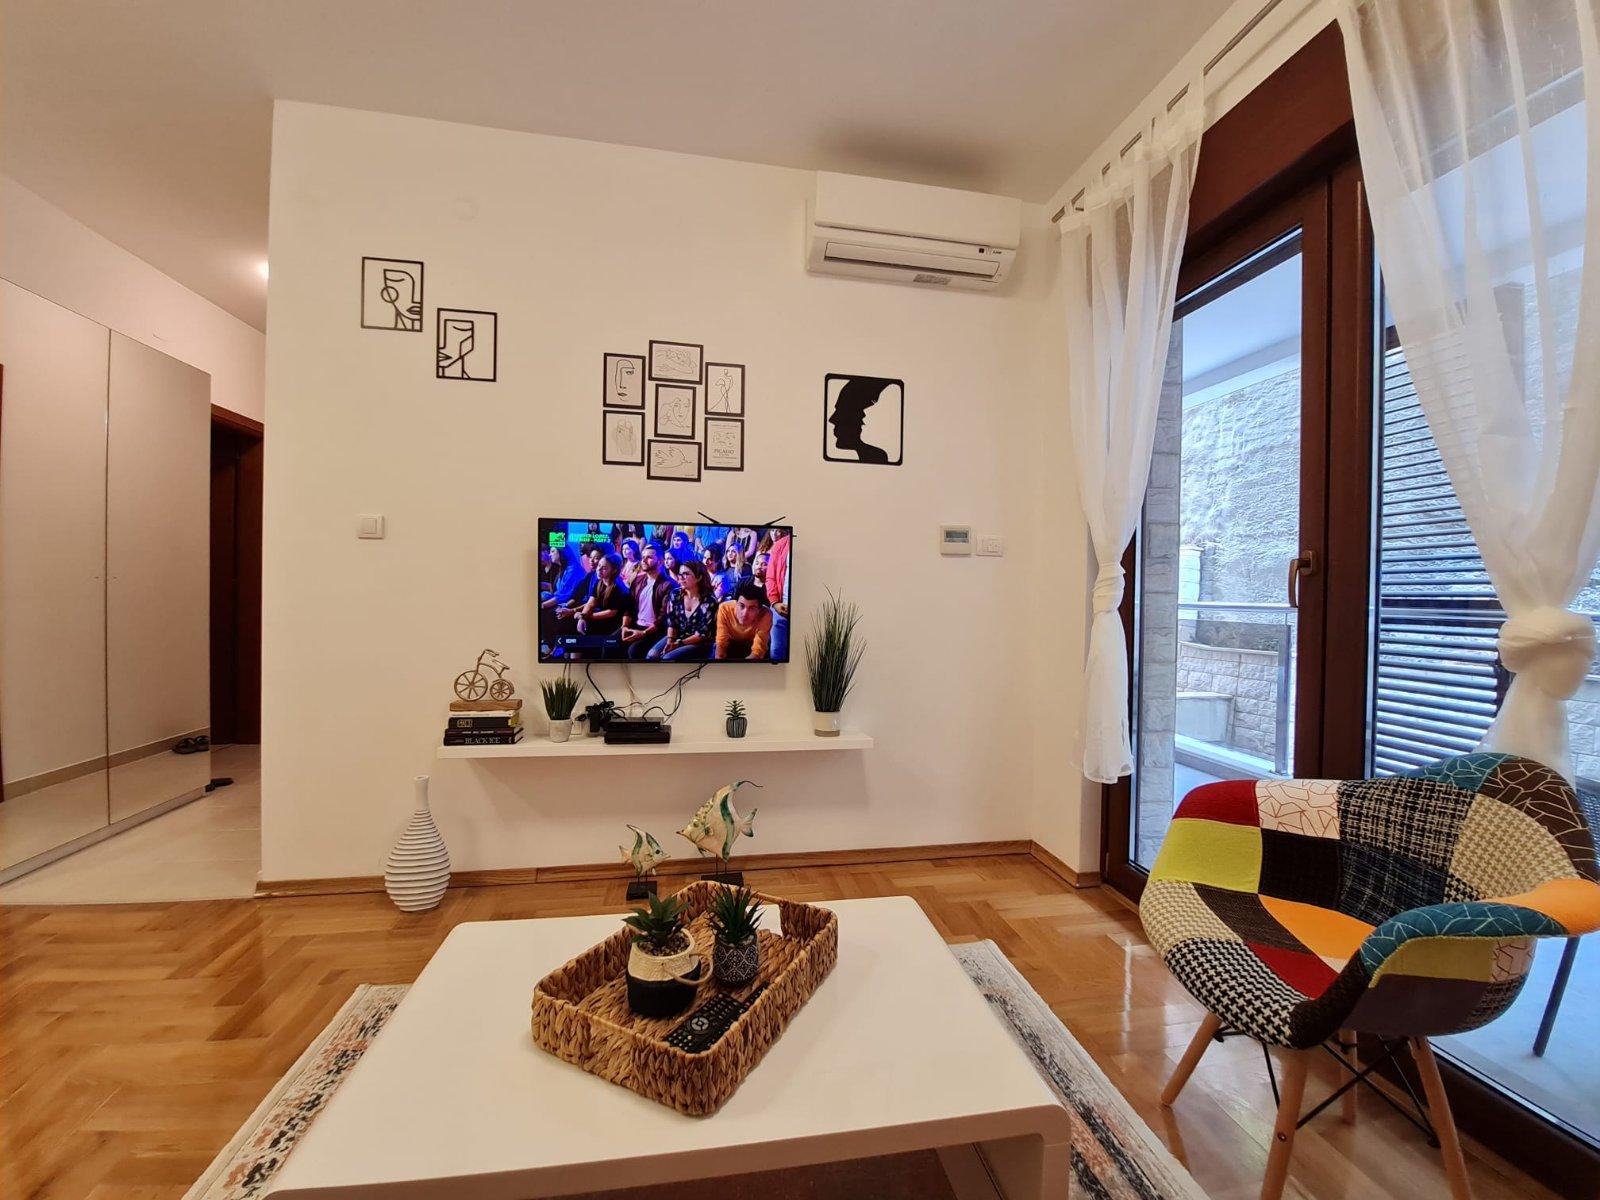 amforaproperty.com/ Nov jednosoban stan 47m2 za rentiranje do  ljetne sezone. Anatolia, Bečići